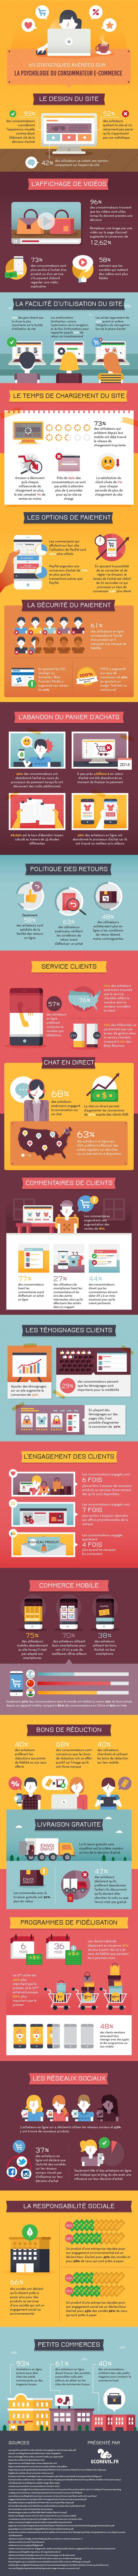 Design du site, facilités de paiement et de livraison, impact des avis clients... De nombreux facteurs entrent en ligne de compte lorsqu'un client potentie